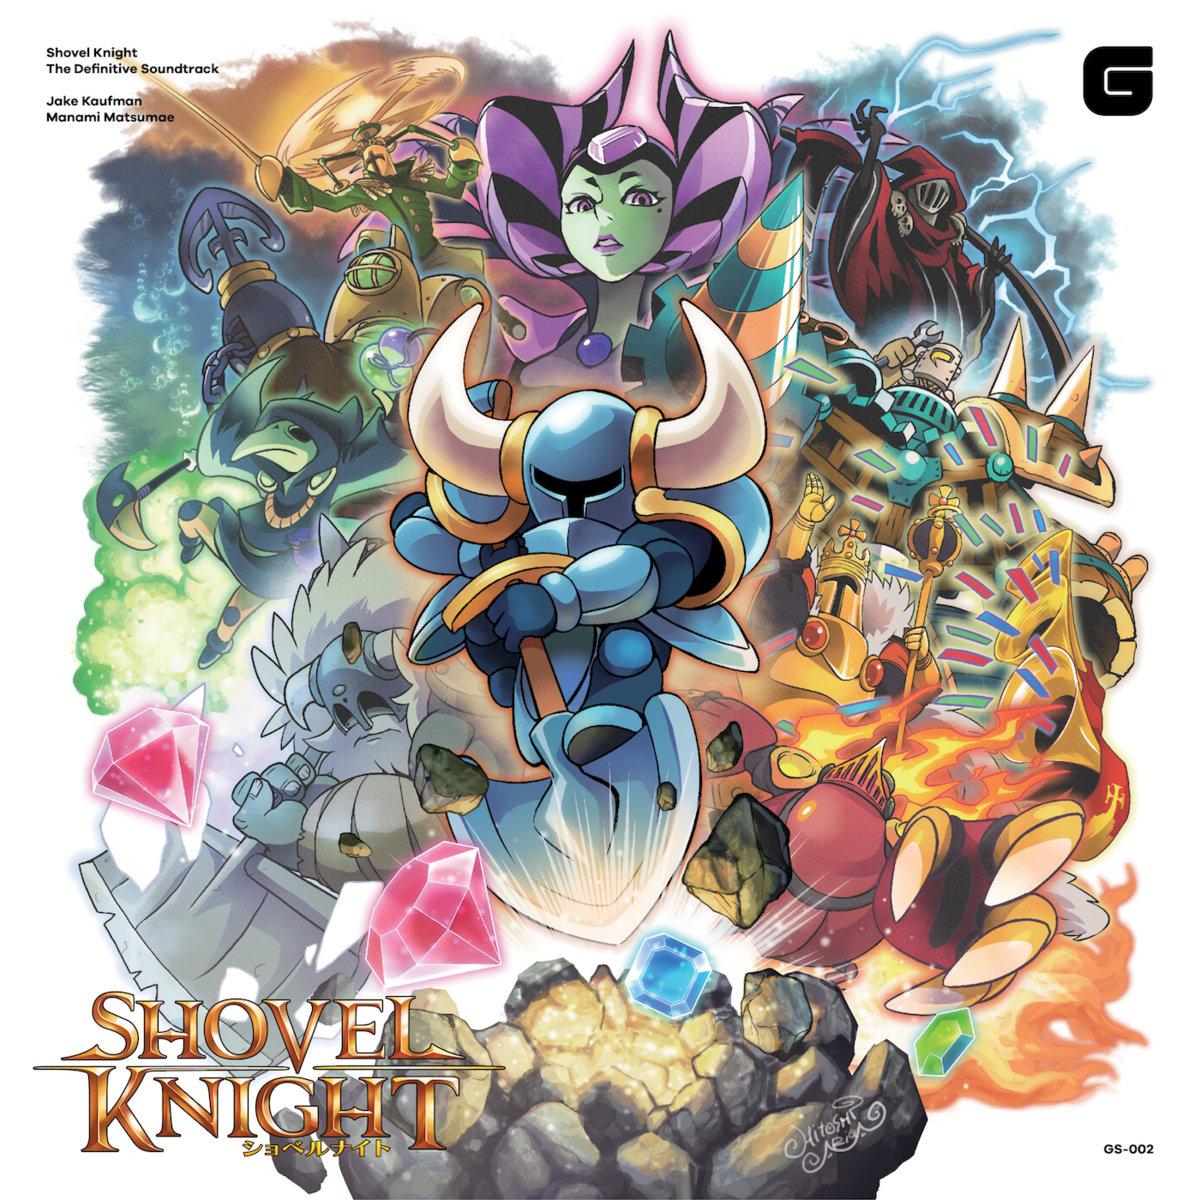 Shovel Knight The Definitive Soundtrack   Brave Wave Productions